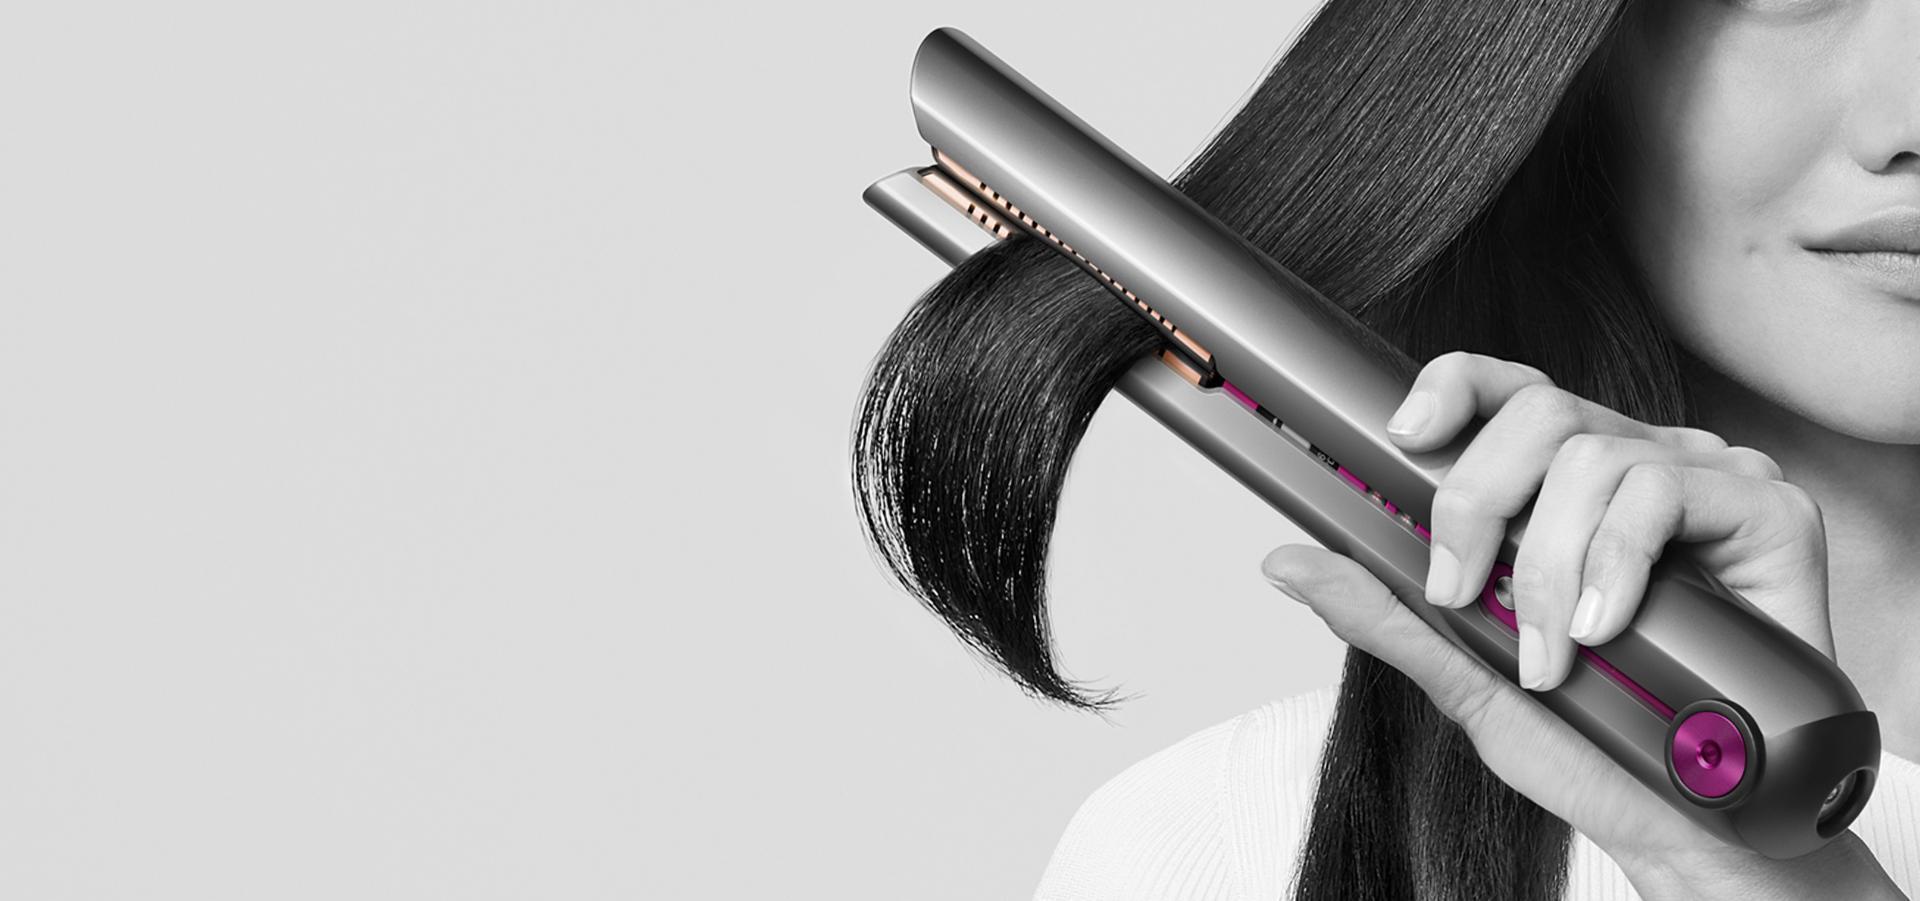 Žehlení vlasů s žehličkou Dyson Corrale bez použití napájecího kabelu